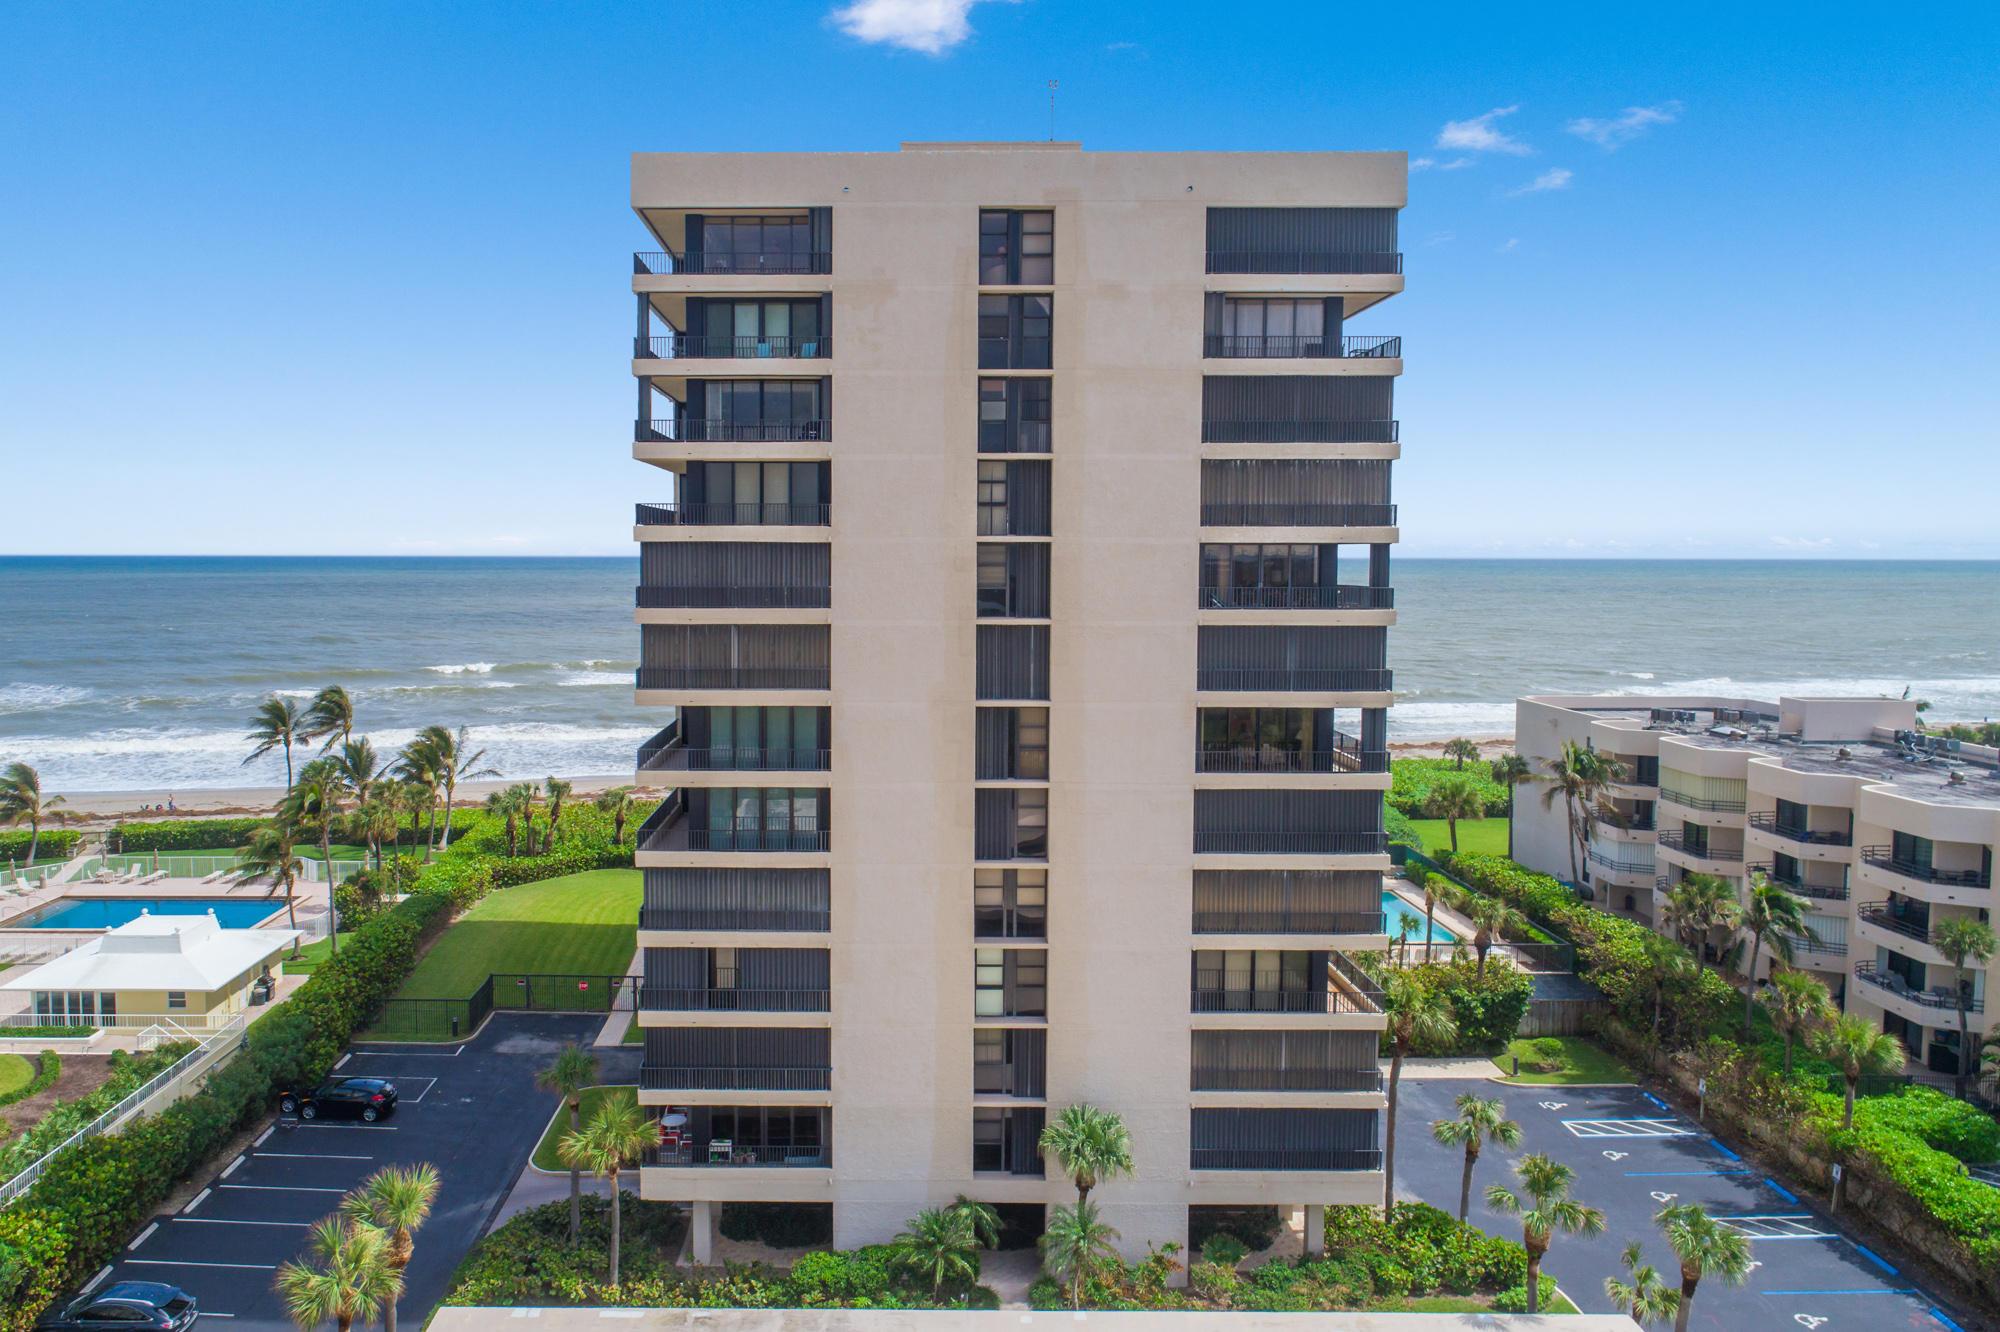 JUNO BEACH FLORIDA